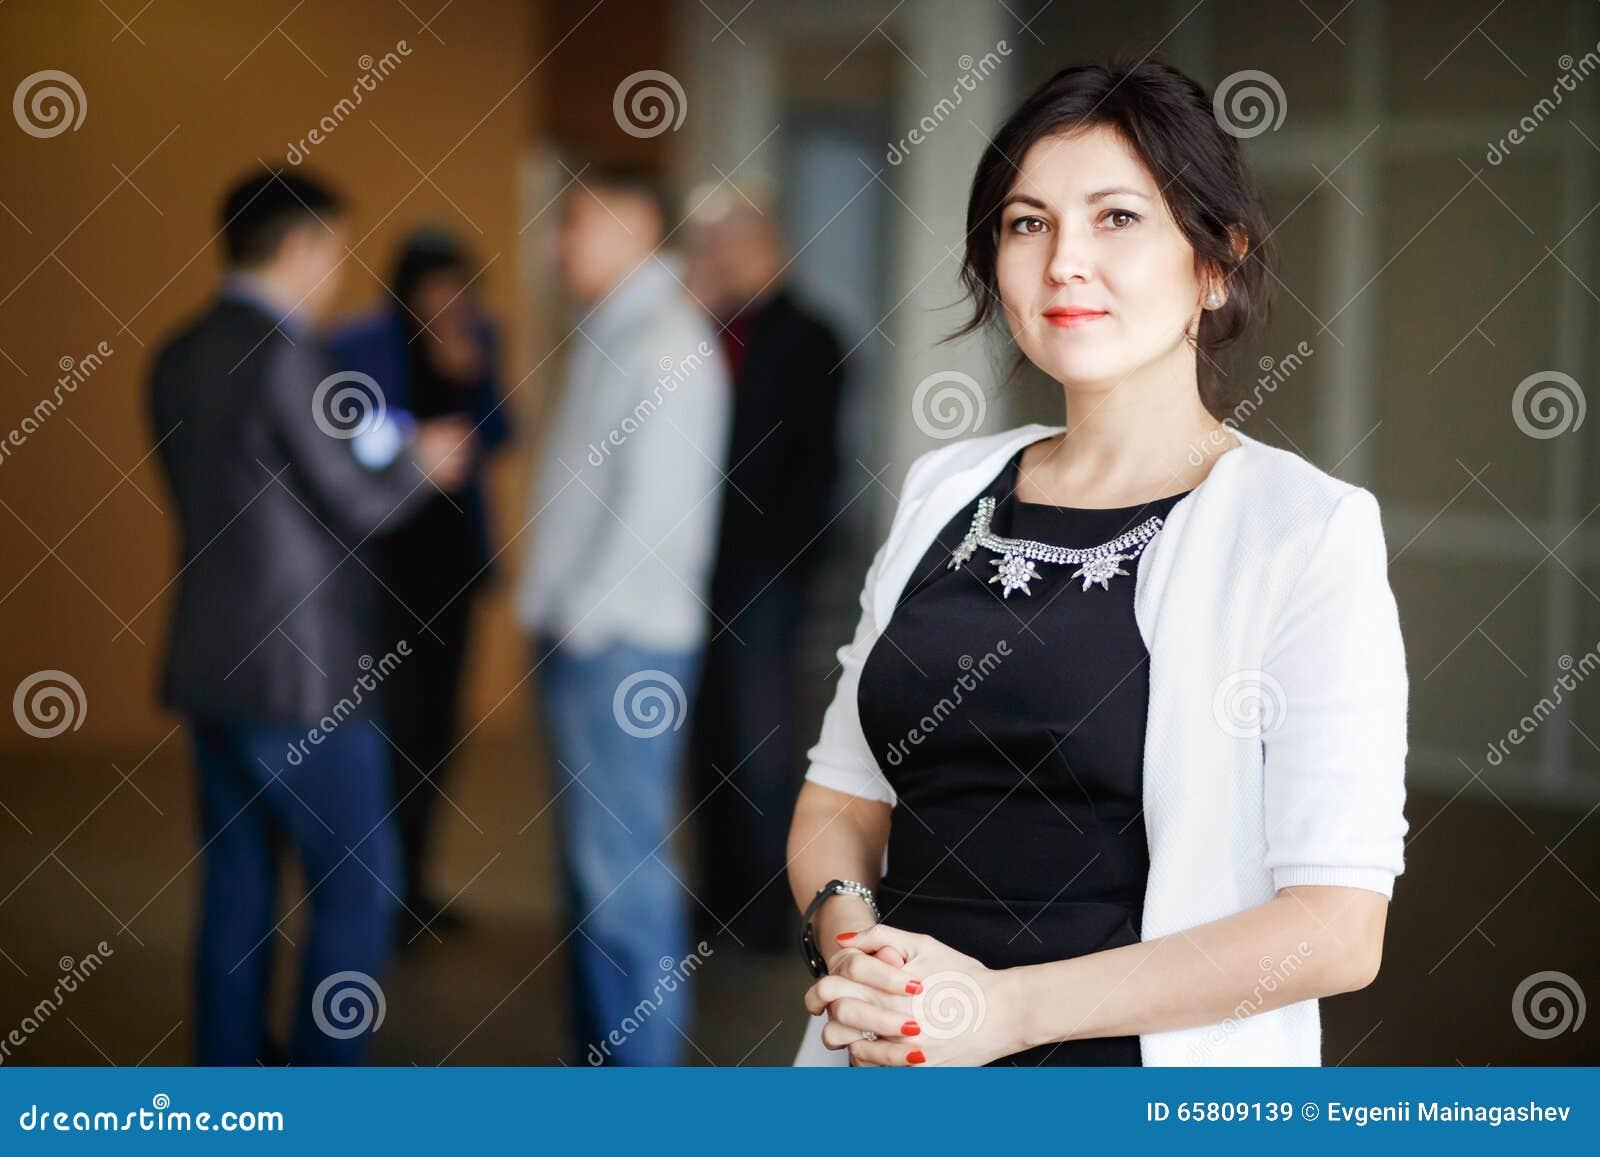 Успешное привлекательное брюнет босса бизнес-леди с глазами вида стоит внутреннее офисное здание и приветствующая улыбка